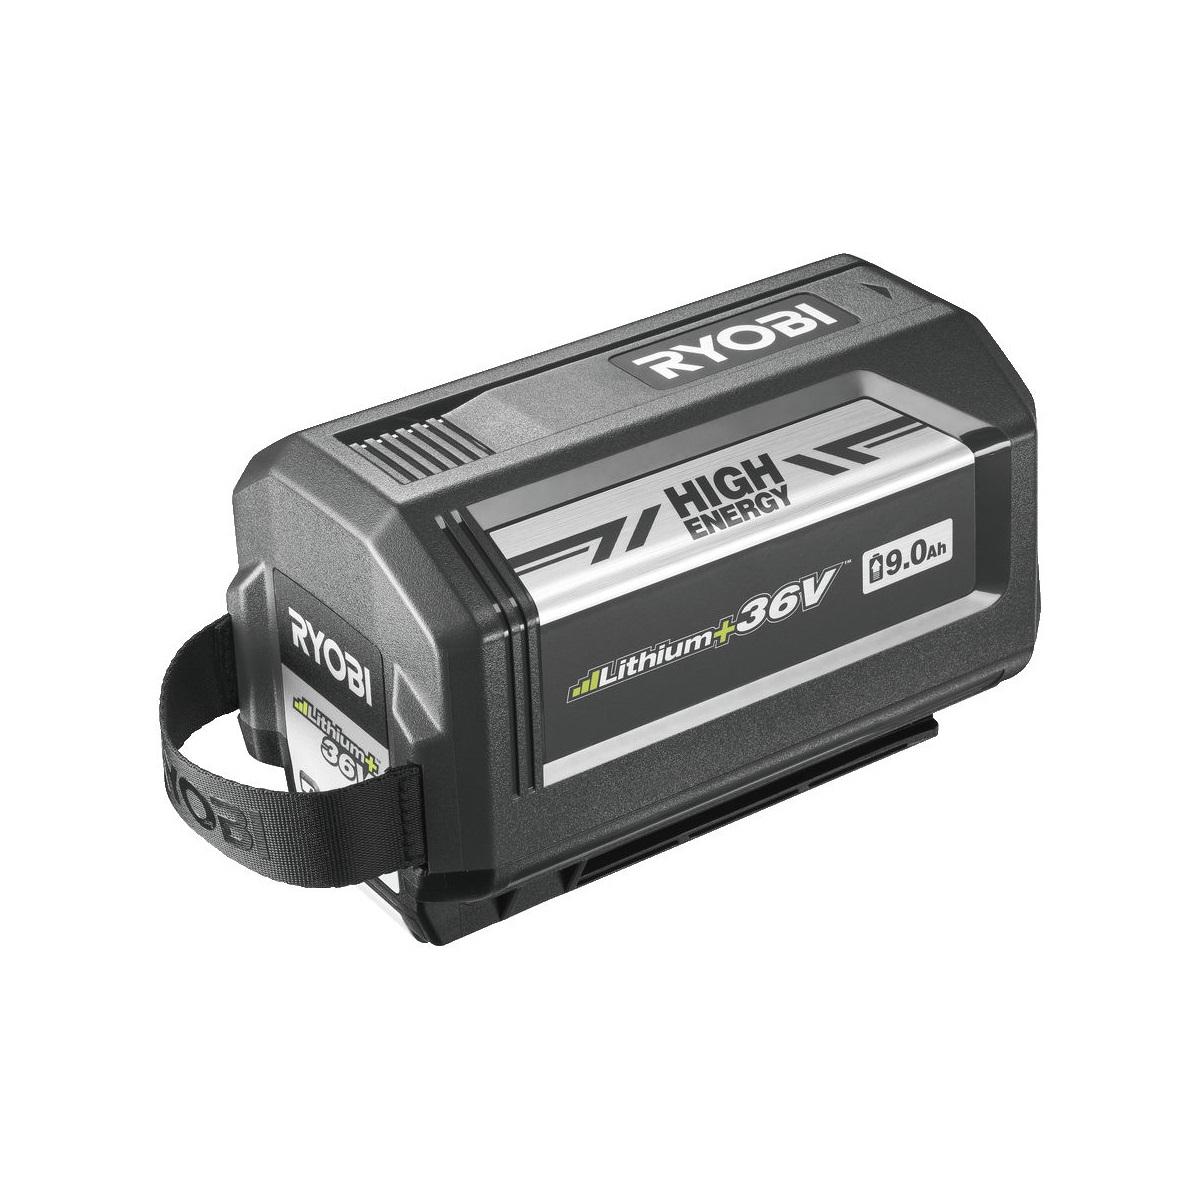 Ryobi RY36B90A, 36V 1x 9,0 Ah High Energy akumulátor